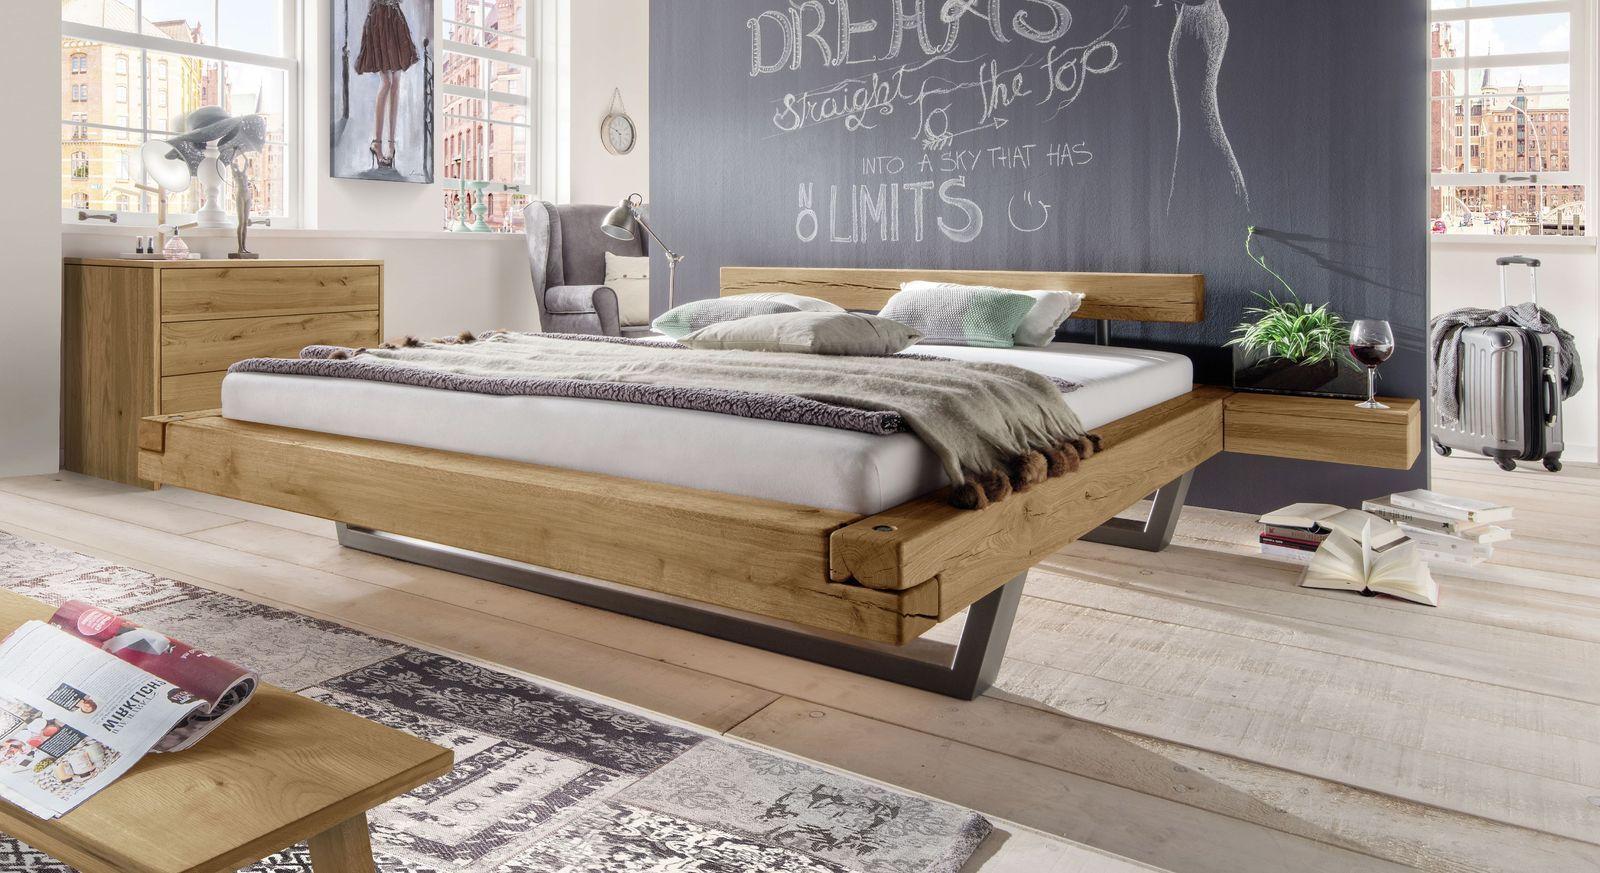 Bett Darica Wohnzimmer Schwebendes Bett Schwebebett Und Bett